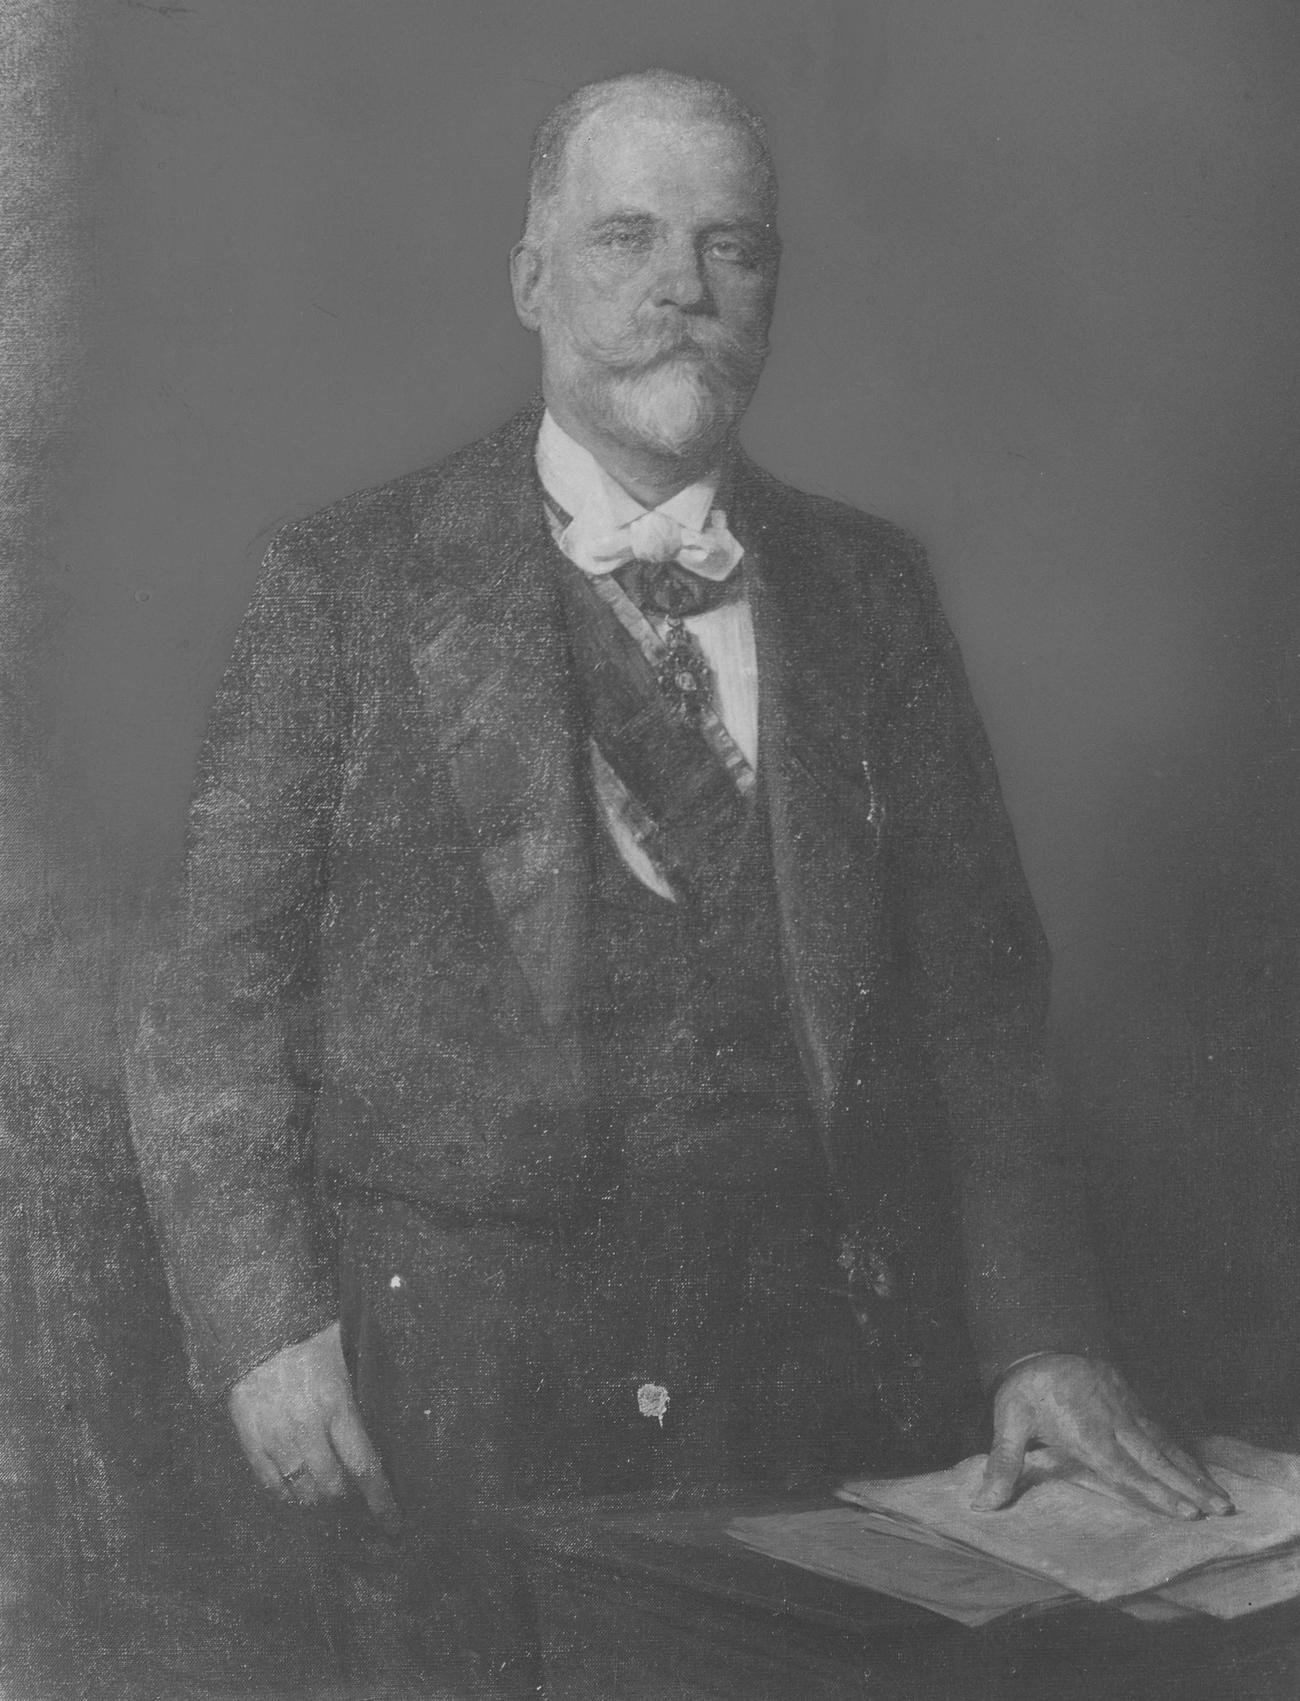 To nie Józef Piłsudski, ale austro-węgierski minister skarbu Leon Biliński zainicjował rozmowy, które zaowocowały powstaniem Legionów Polskich.